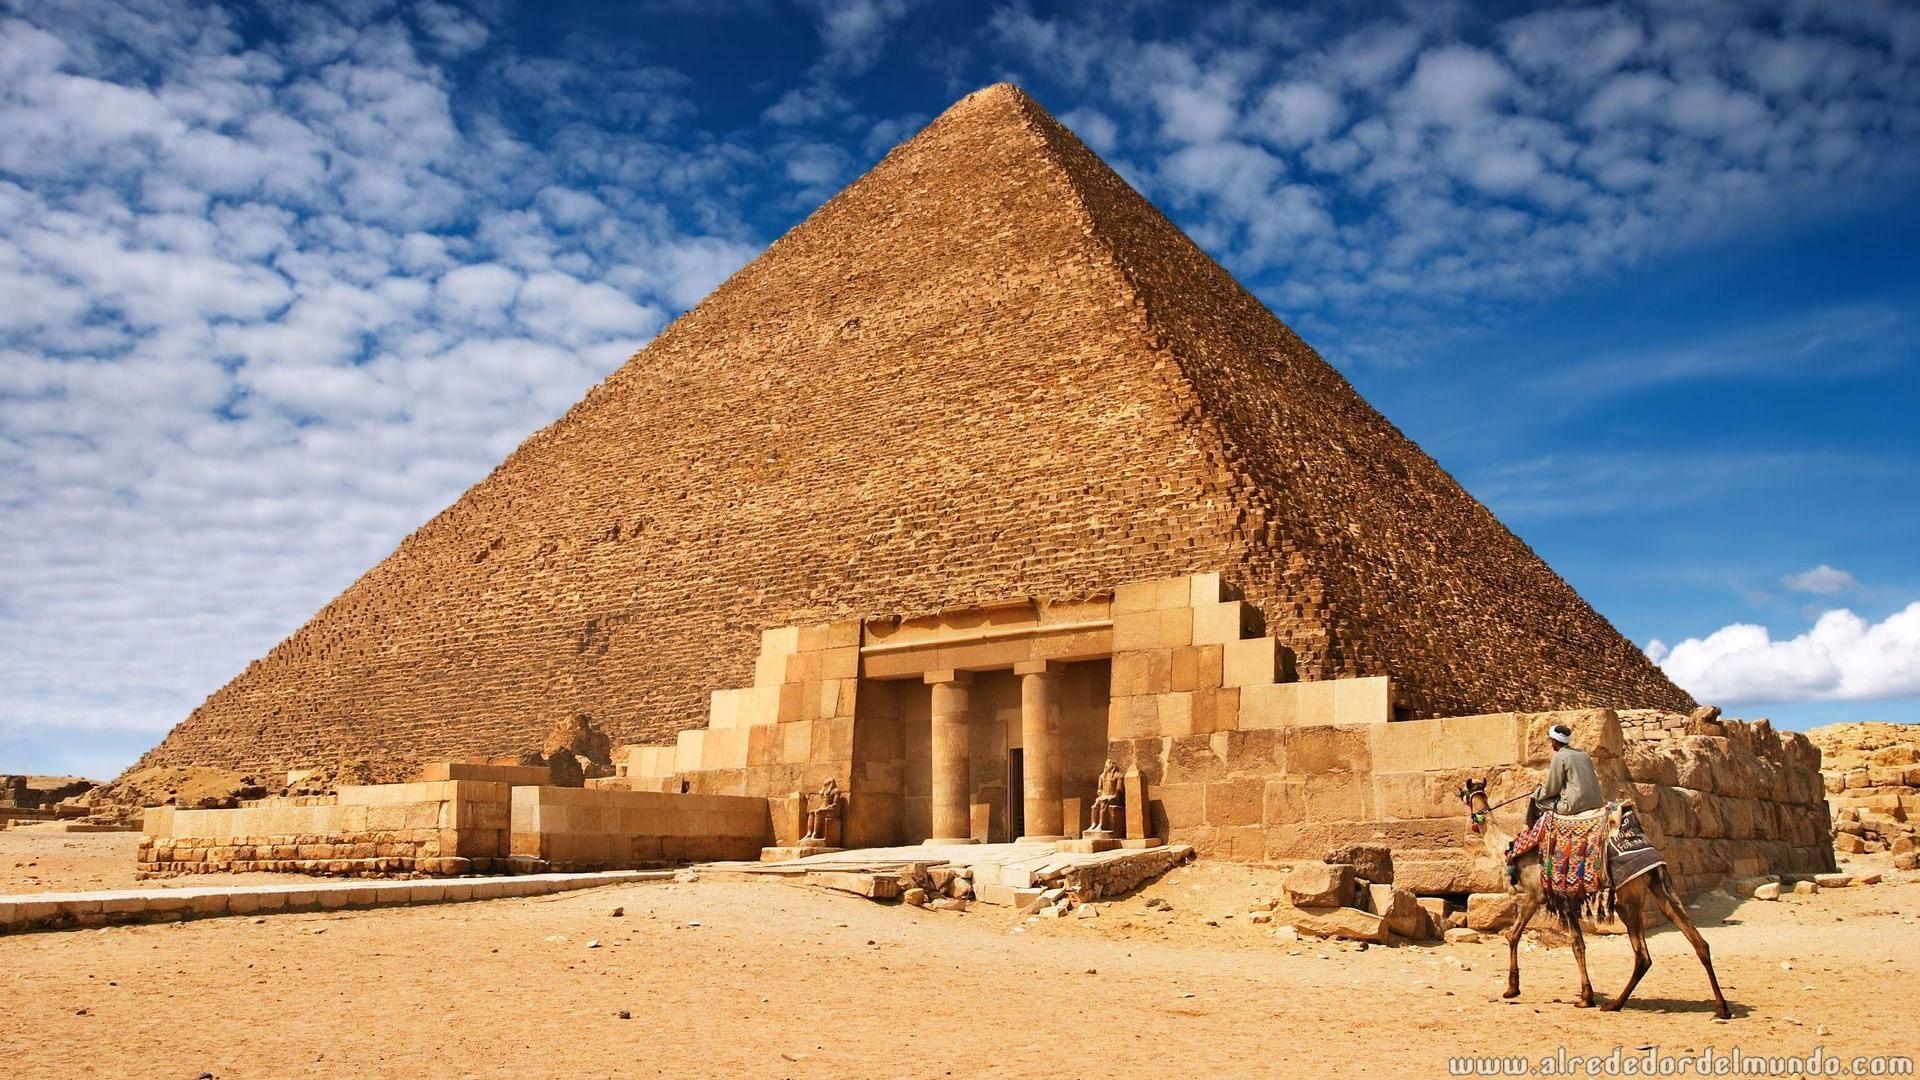 piramide grande de egipto